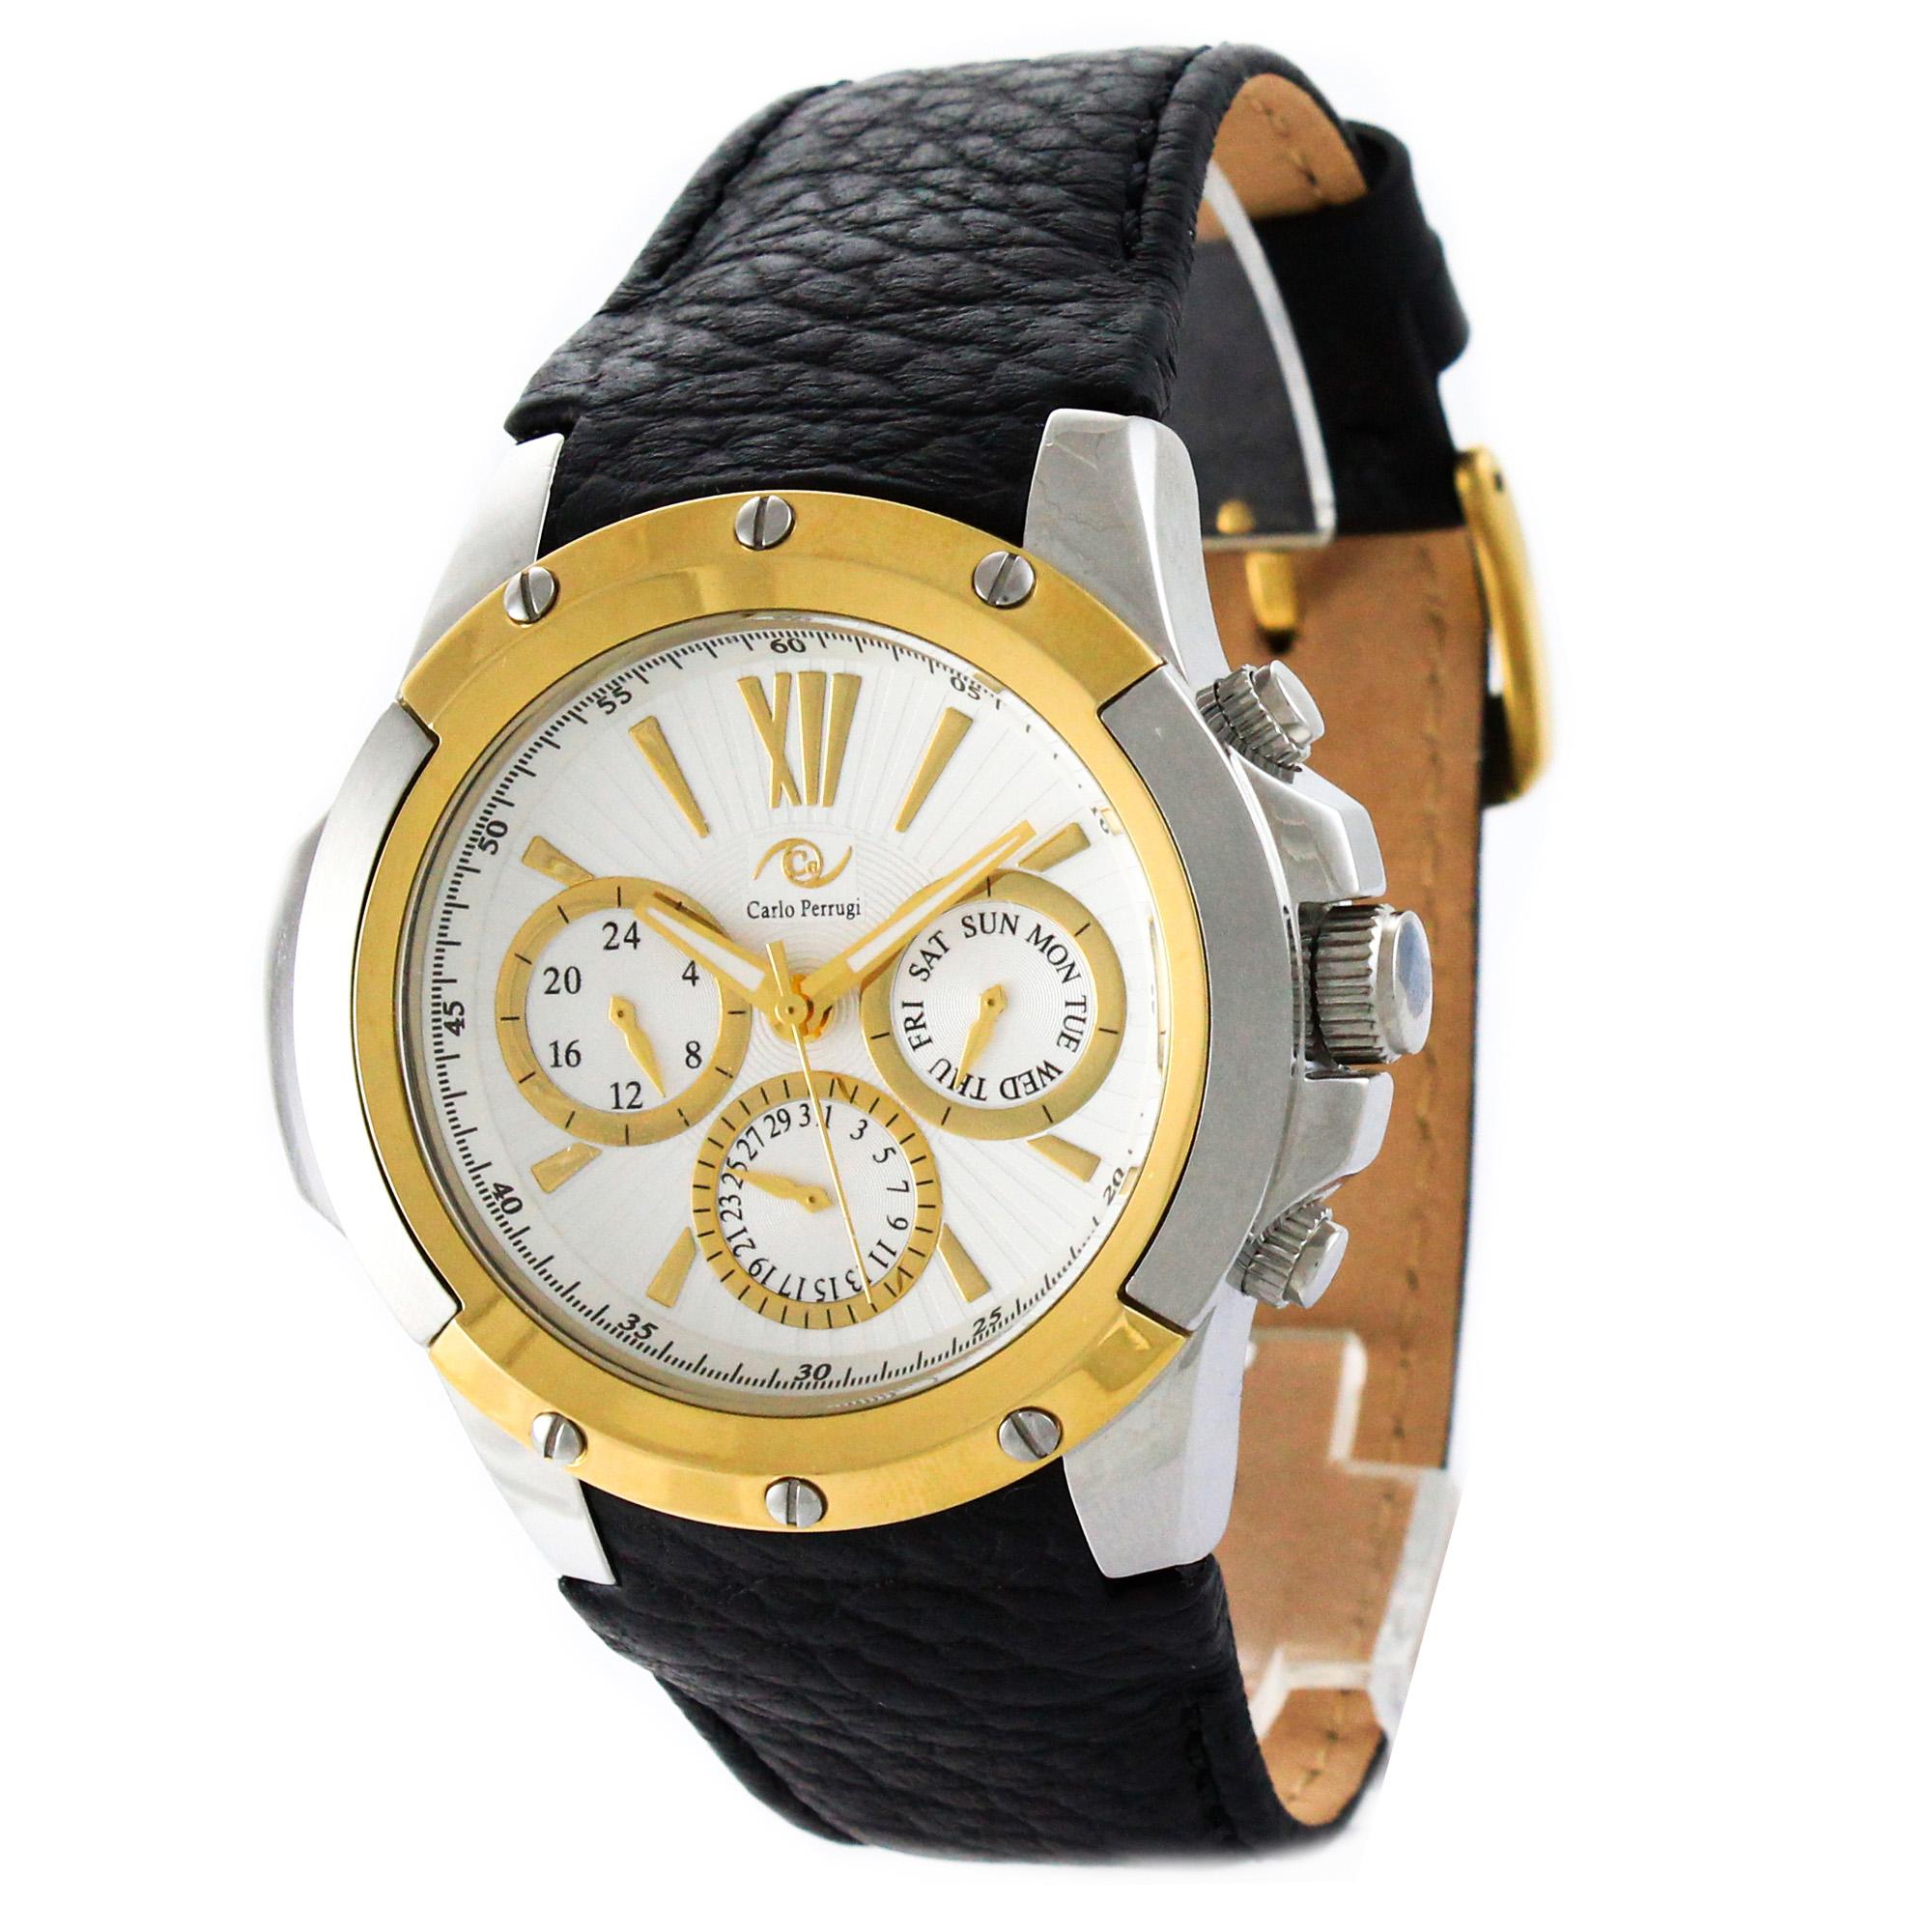 ساعت مچی عقربه ای زنانه کارلو پروجی مدل SG109-1